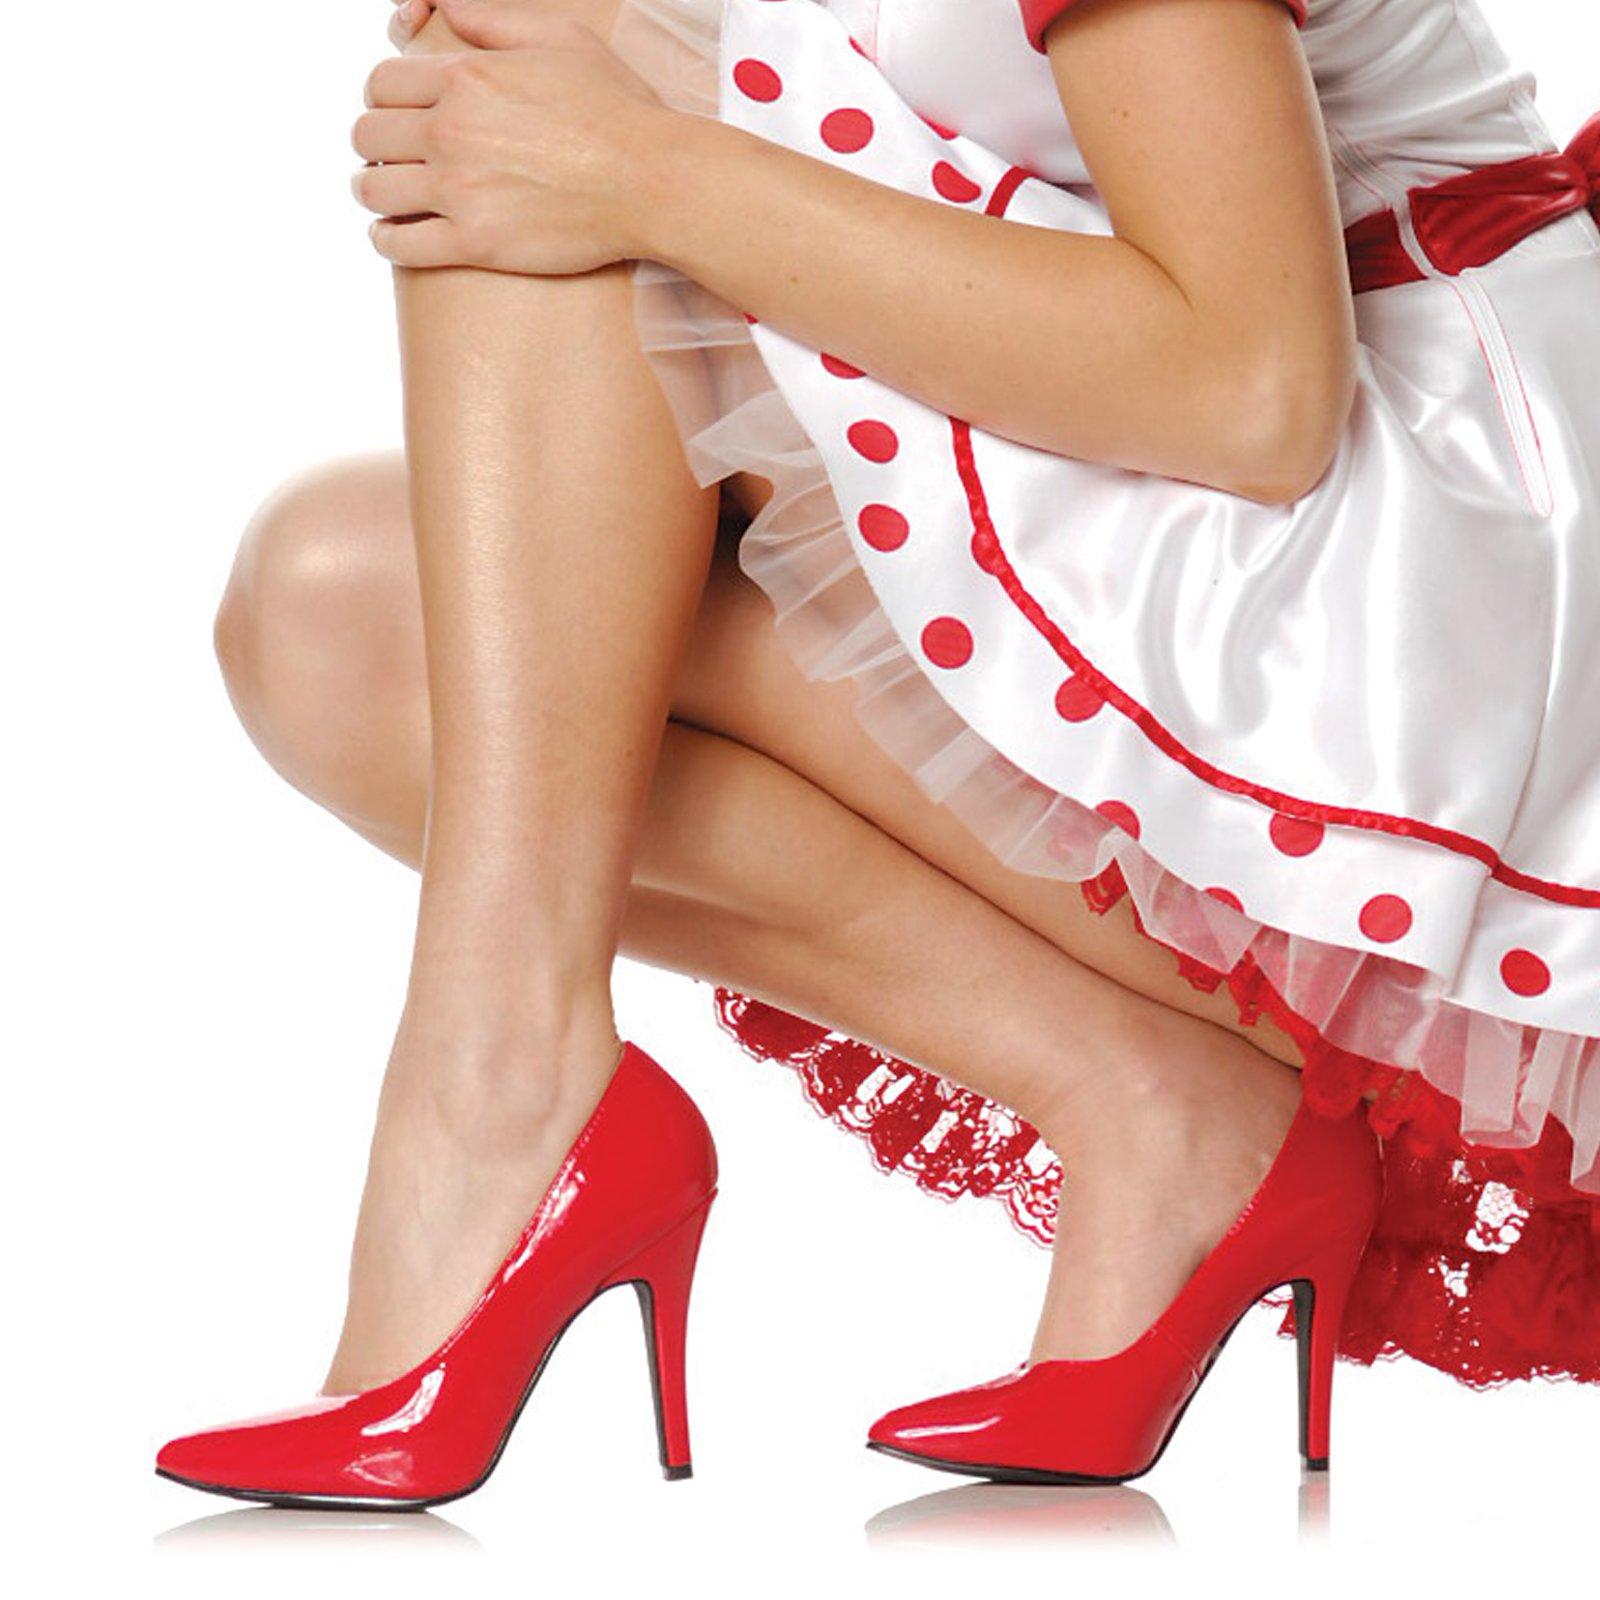 Як не помилитися з розміром жіночого взуття  - Моя газета  d52f73f6cdfde